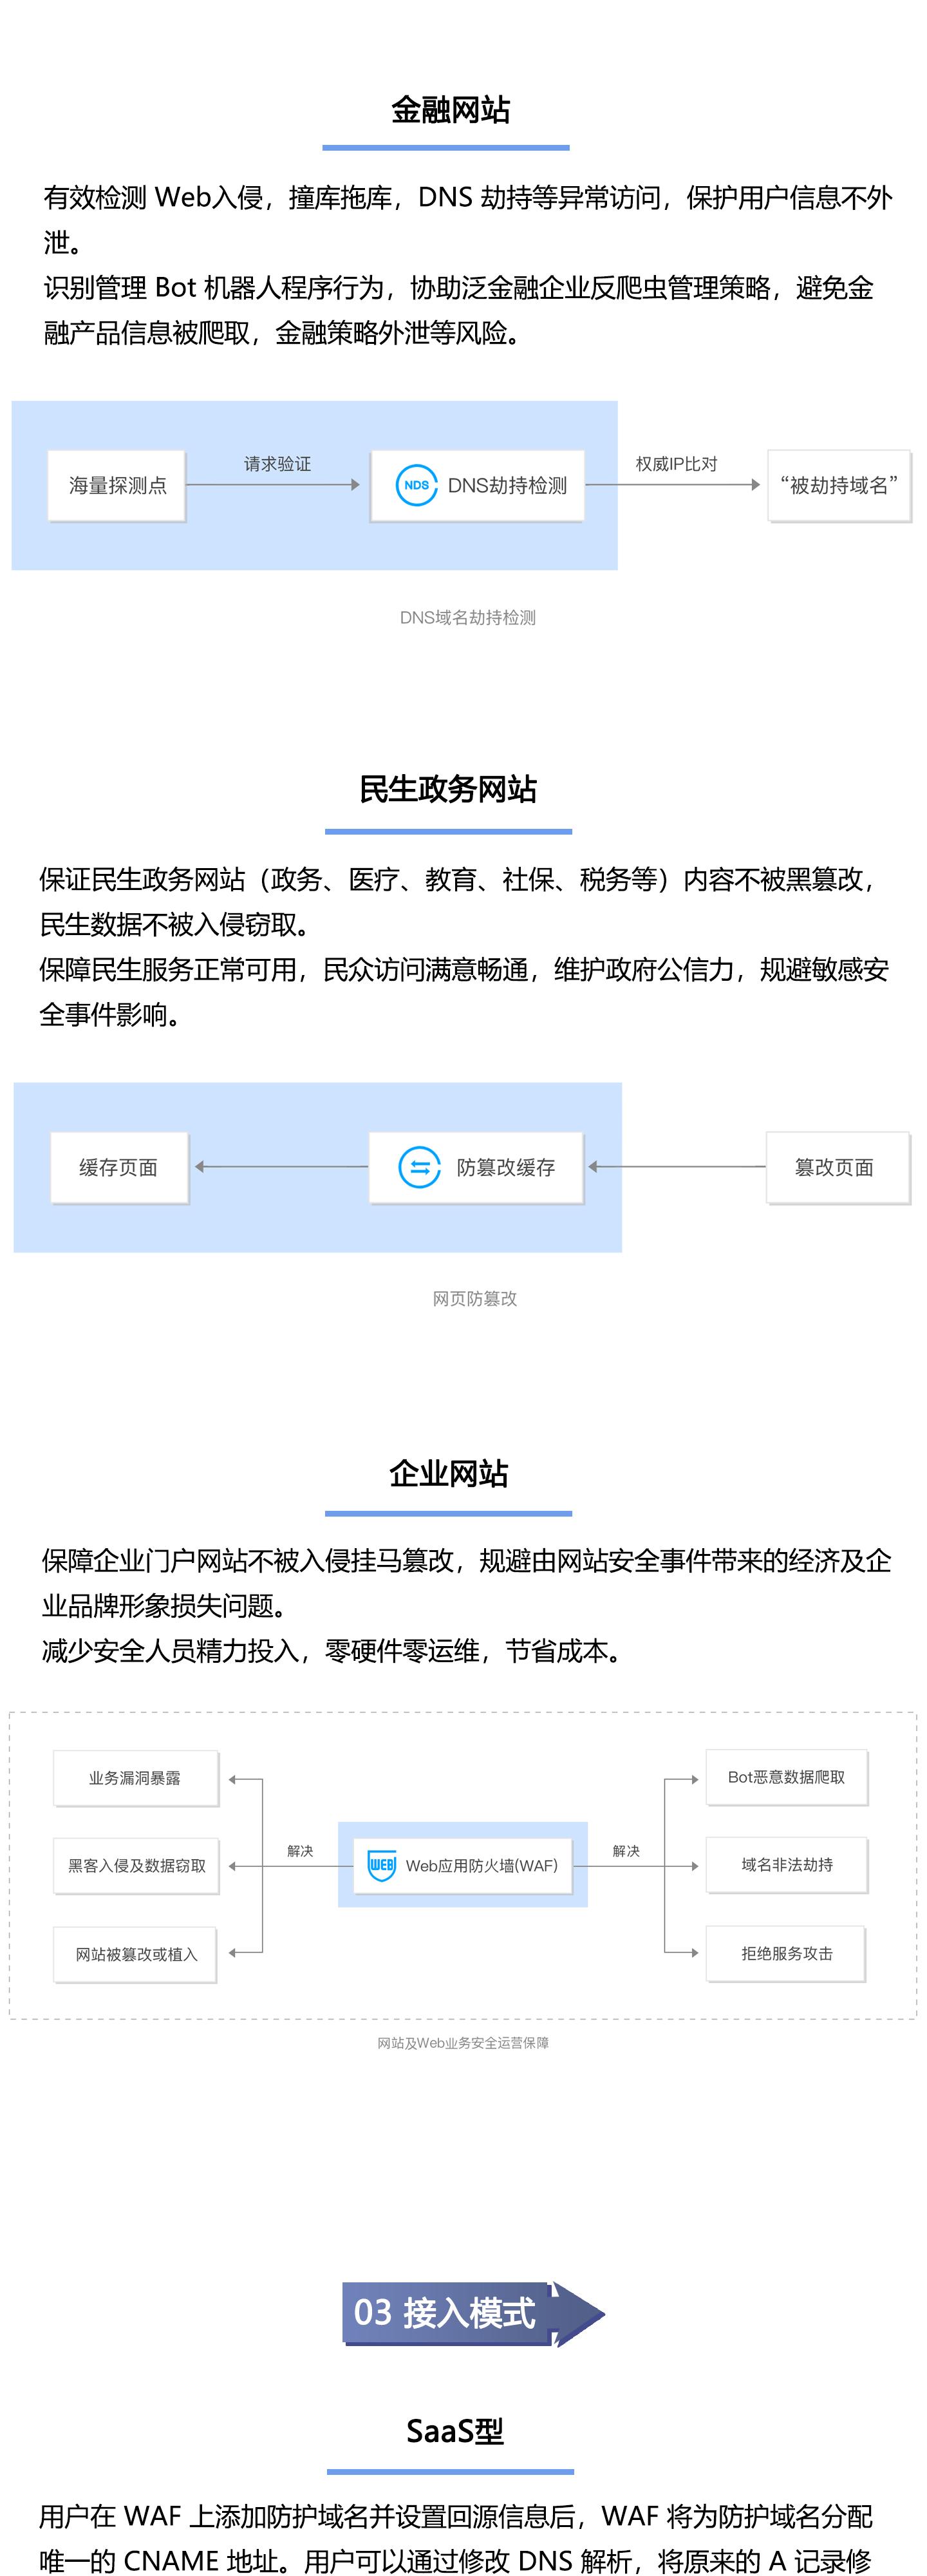 T-Sec-Web-应用防火墙1440_03.jpg